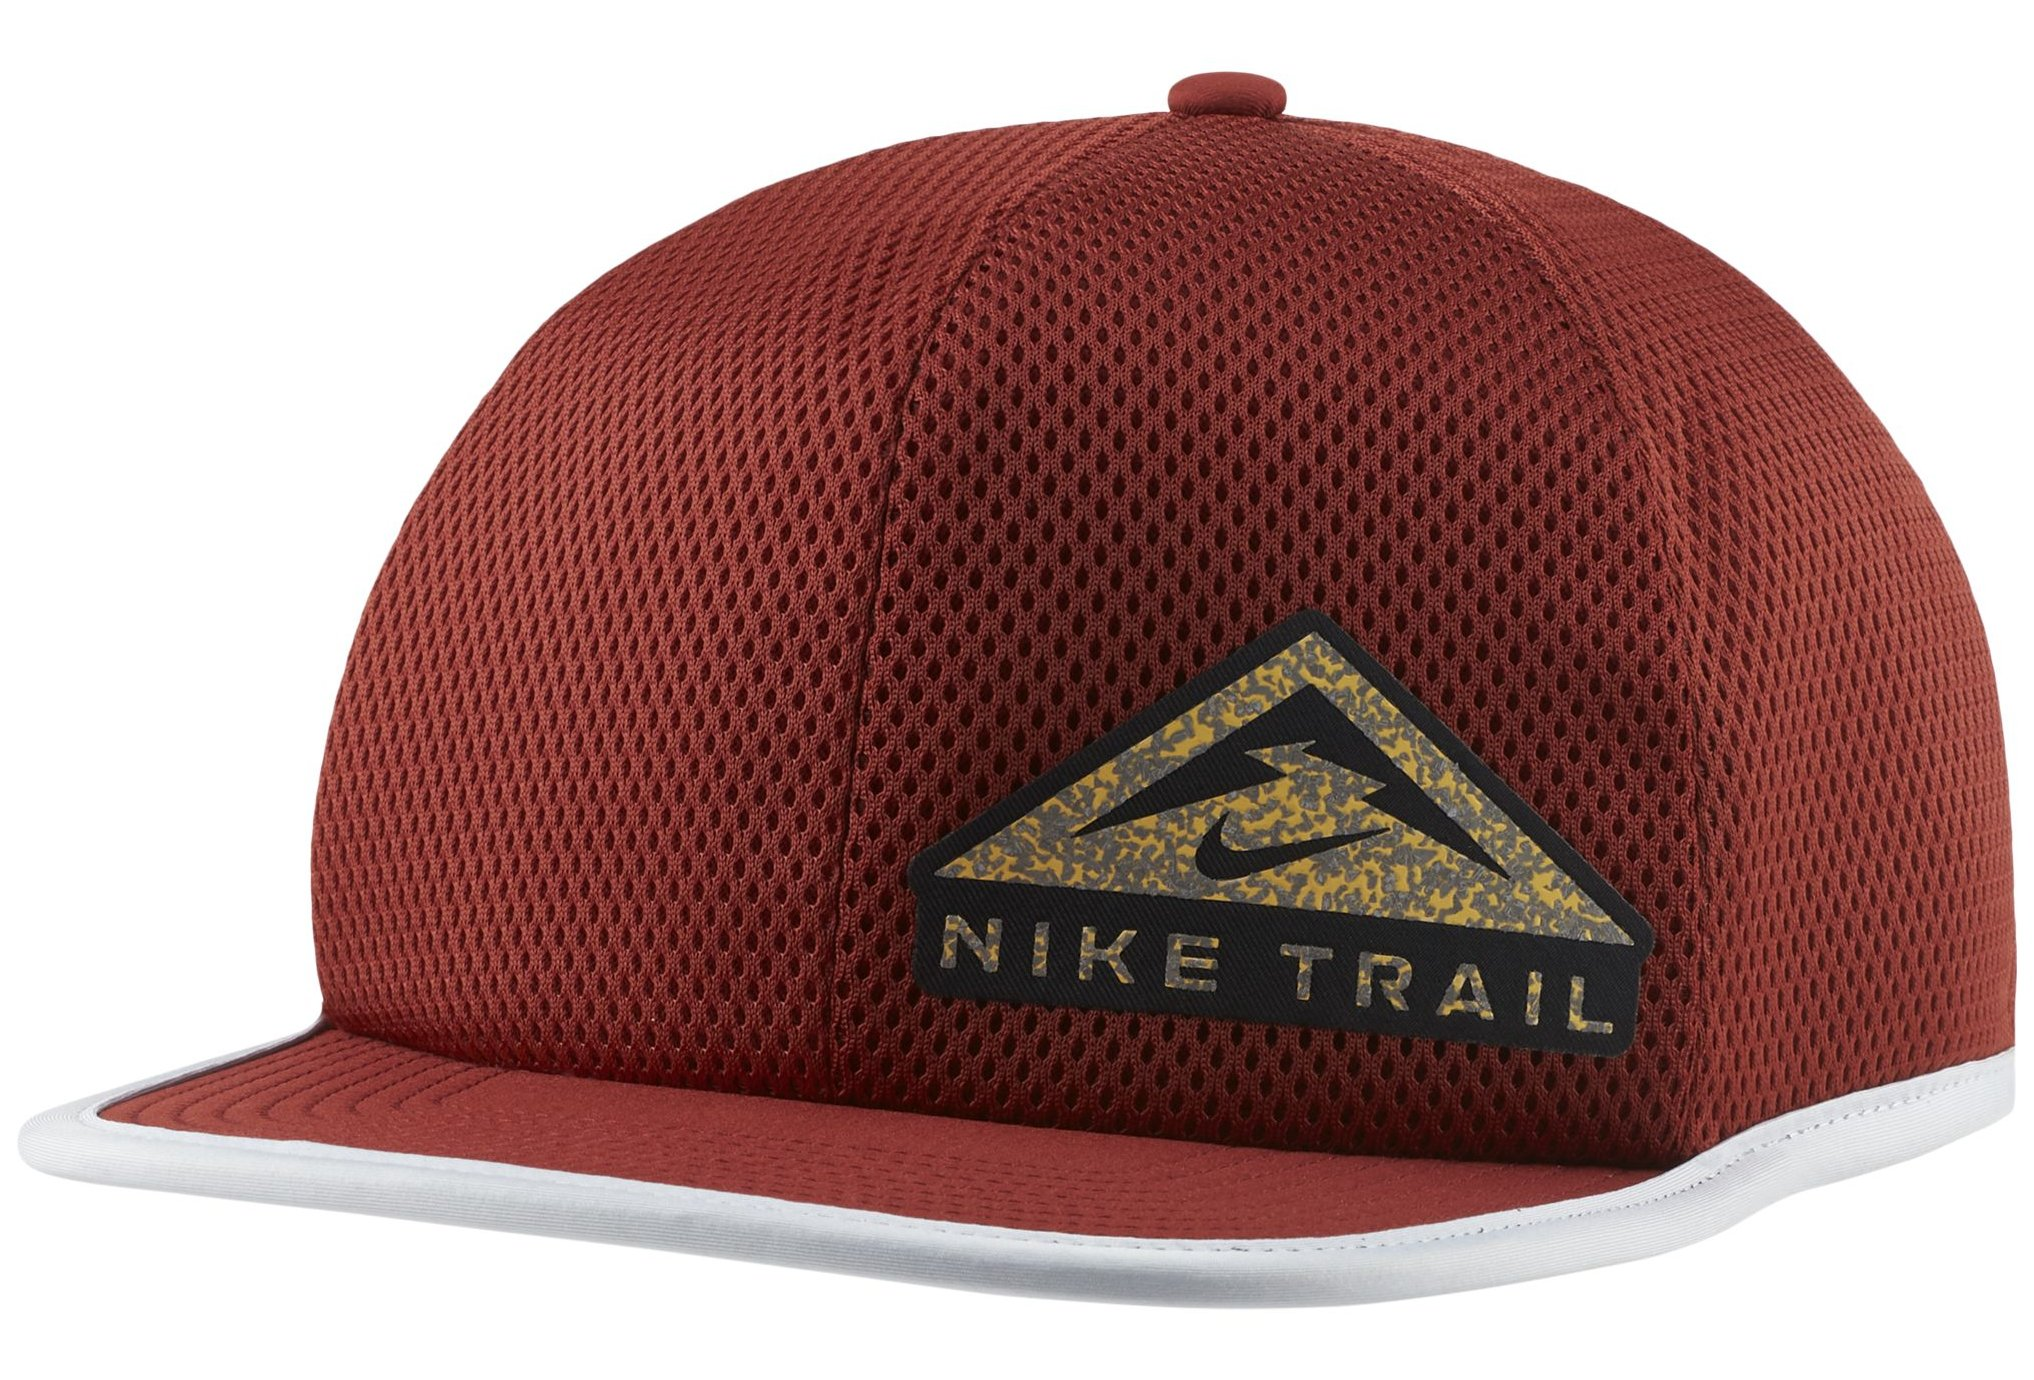 Nike Dri-Fit Pro Trail Casquettes / bandeaux